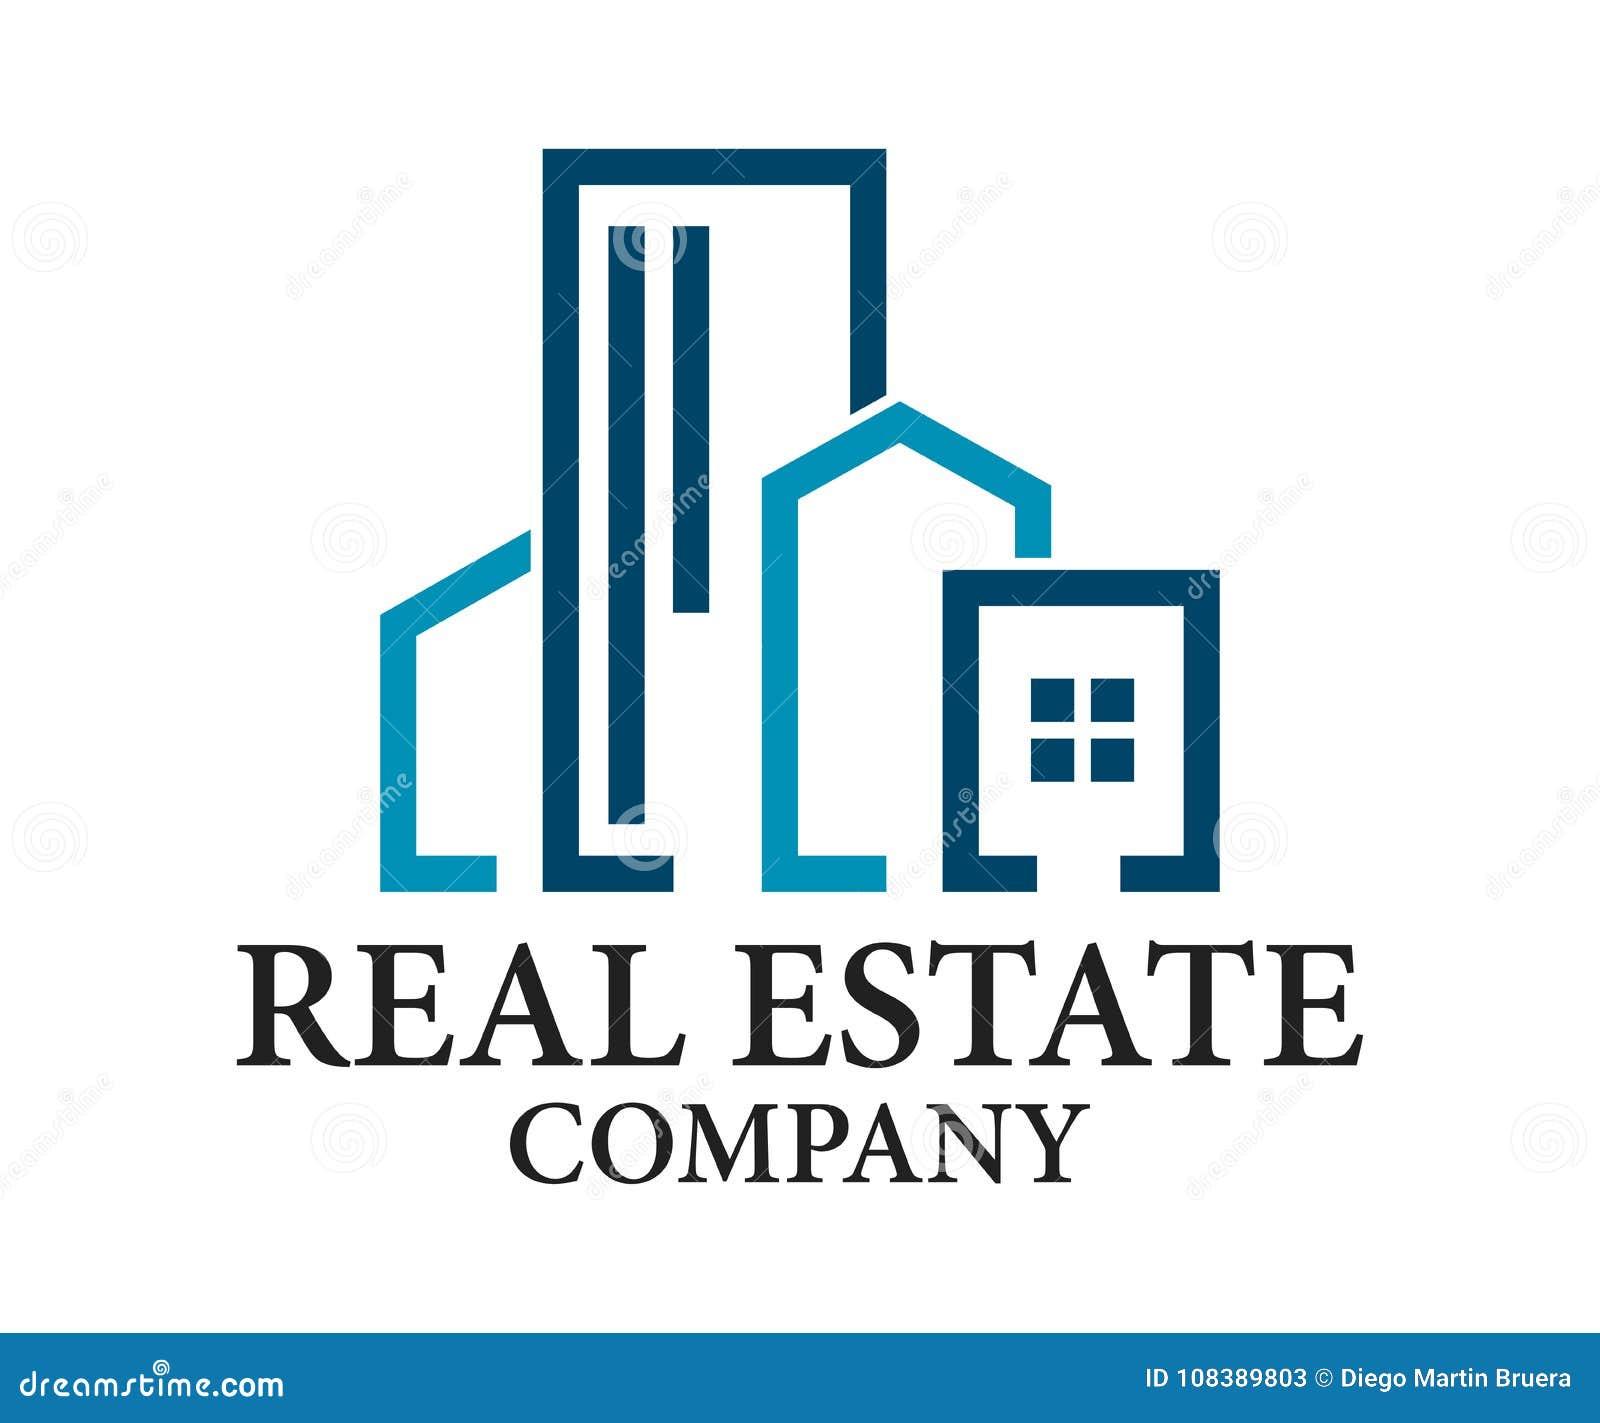 Ακίνητη περιουσία, διανυσματικό σχέδιο λογότυπων κτηρίου, οικοδόμησης και αρχιτεκτονικής